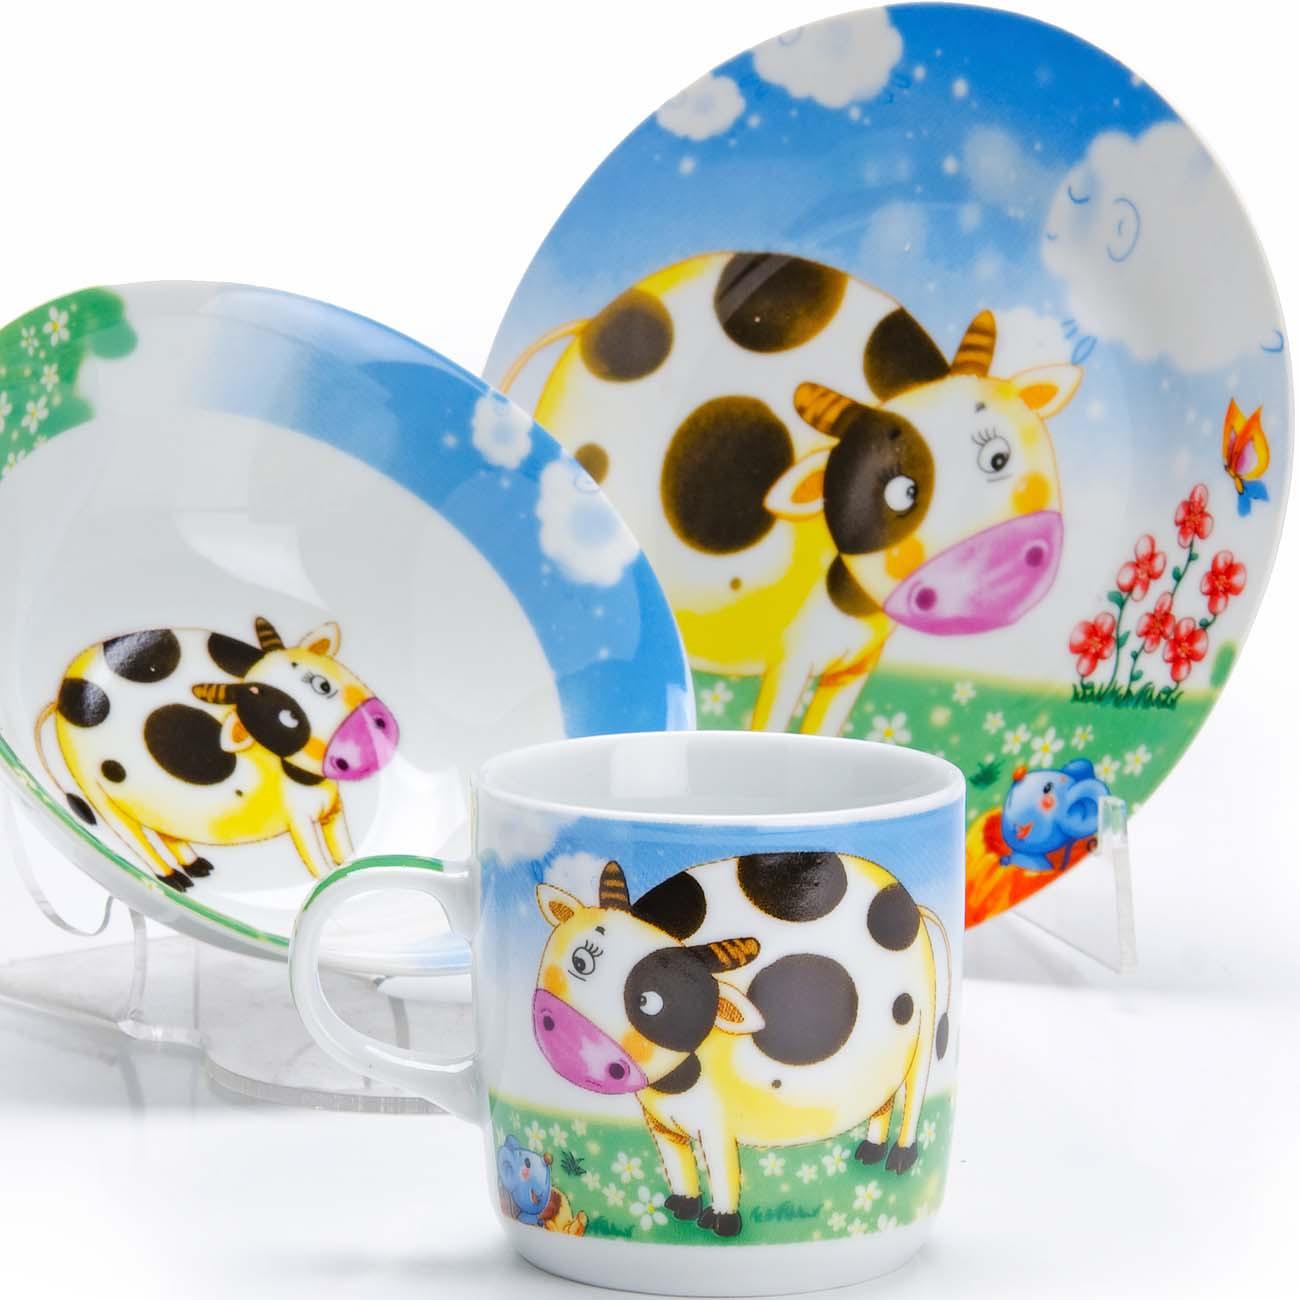 Набор детской посуды Loraine Корова, цвет: голубой, желтый, белый, 3 предмета